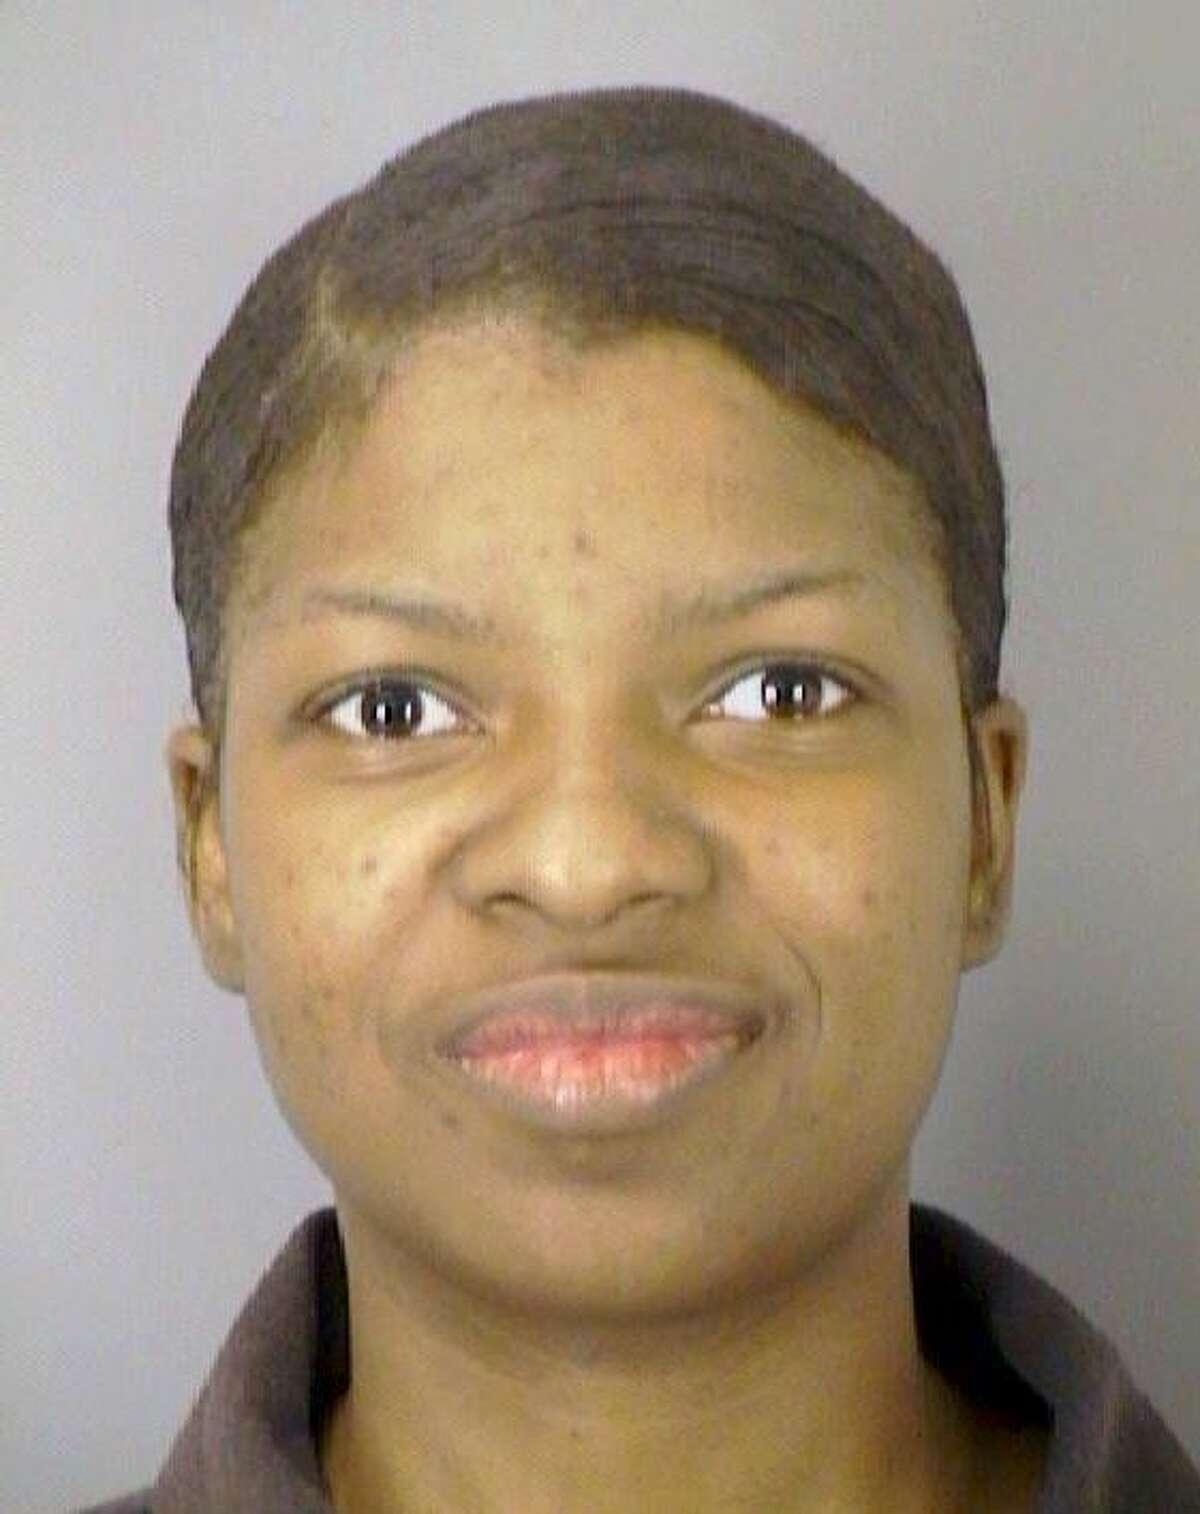 Kyna Warren, 34, was last seen Sept. 10 in Beaumont.